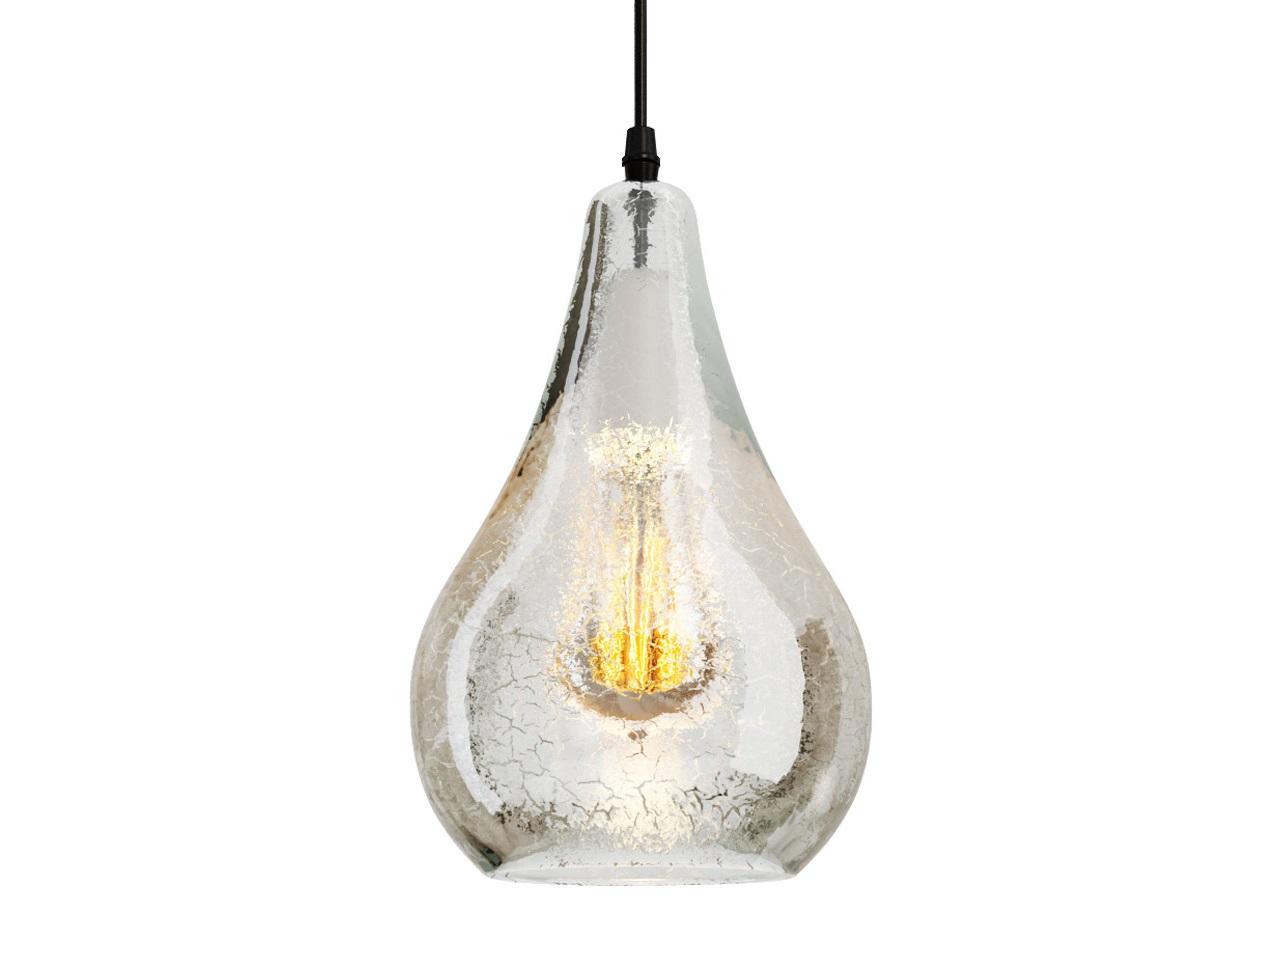 Подвесной светильник Droplet ChandelierПодвесные светильники<br>Лампа в лампе? Интересные пропорции делают облик светильника &amp;quot;Droplet Chandelier&amp;quot; таким эклектичным, ярким и производящим впечатление. Они превращают его в предмет искусства, способный стать настоящим украшением для нетривиальных интерьеров. Плафон, повторяющий формы находящейся в нем лампы, создает эффект рекурсии, которая никого не оставляет равнодушным. Окраска перламутром, выполненная в технике кракелюр, придает очарование дизайну, делая его более элегантным.&amp;lt;div&amp;gt;&amp;lt;br&amp;gt;&amp;lt;/div&amp;gt;&amp;lt;div&amp;gt;Подвесной светильник выполнен из прозрачного стекла с декоративными трещинками.&amp;lt;/div&amp;gt;&amp;lt;div&amp;gt;Внутри расположена лампа.&amp;lt;/div&amp;gt;&amp;lt;div&amp;gt;Высота светильника регулируется.&amp;lt;/div&amp;gt;&amp;lt;div&amp;gt;Цоколь: E27&amp;lt;/div&amp;gt;&amp;lt;div&amp;gt;Мощность: 40W&amp;lt;/div&amp;gt;&amp;lt;div&amp;gt;Количество ламп: 1&amp;lt;/div&amp;gt;&amp;lt;div&amp;gt;Лампа входит в комплект&amp;lt;/div&amp;gt;<br><br>Material: Стекло<br>Height см: 26<br>Diameter см: 15